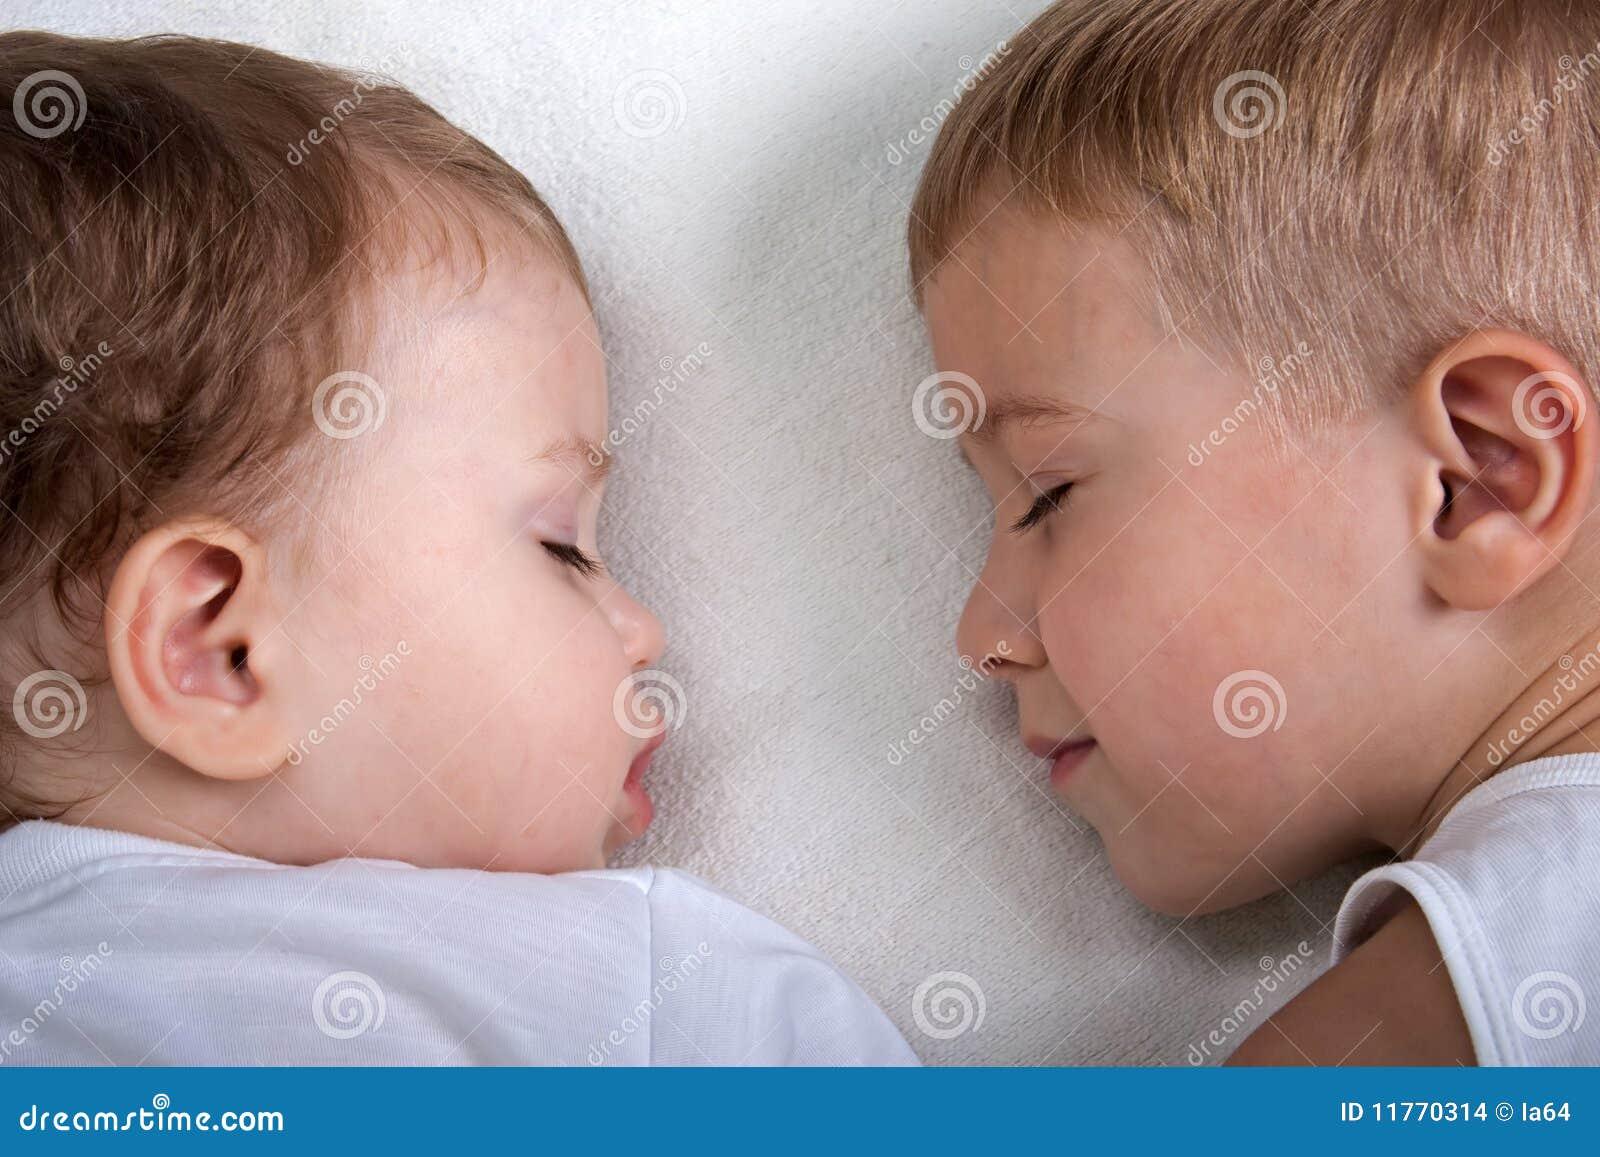 Спала с двумя братьями 2 фотография